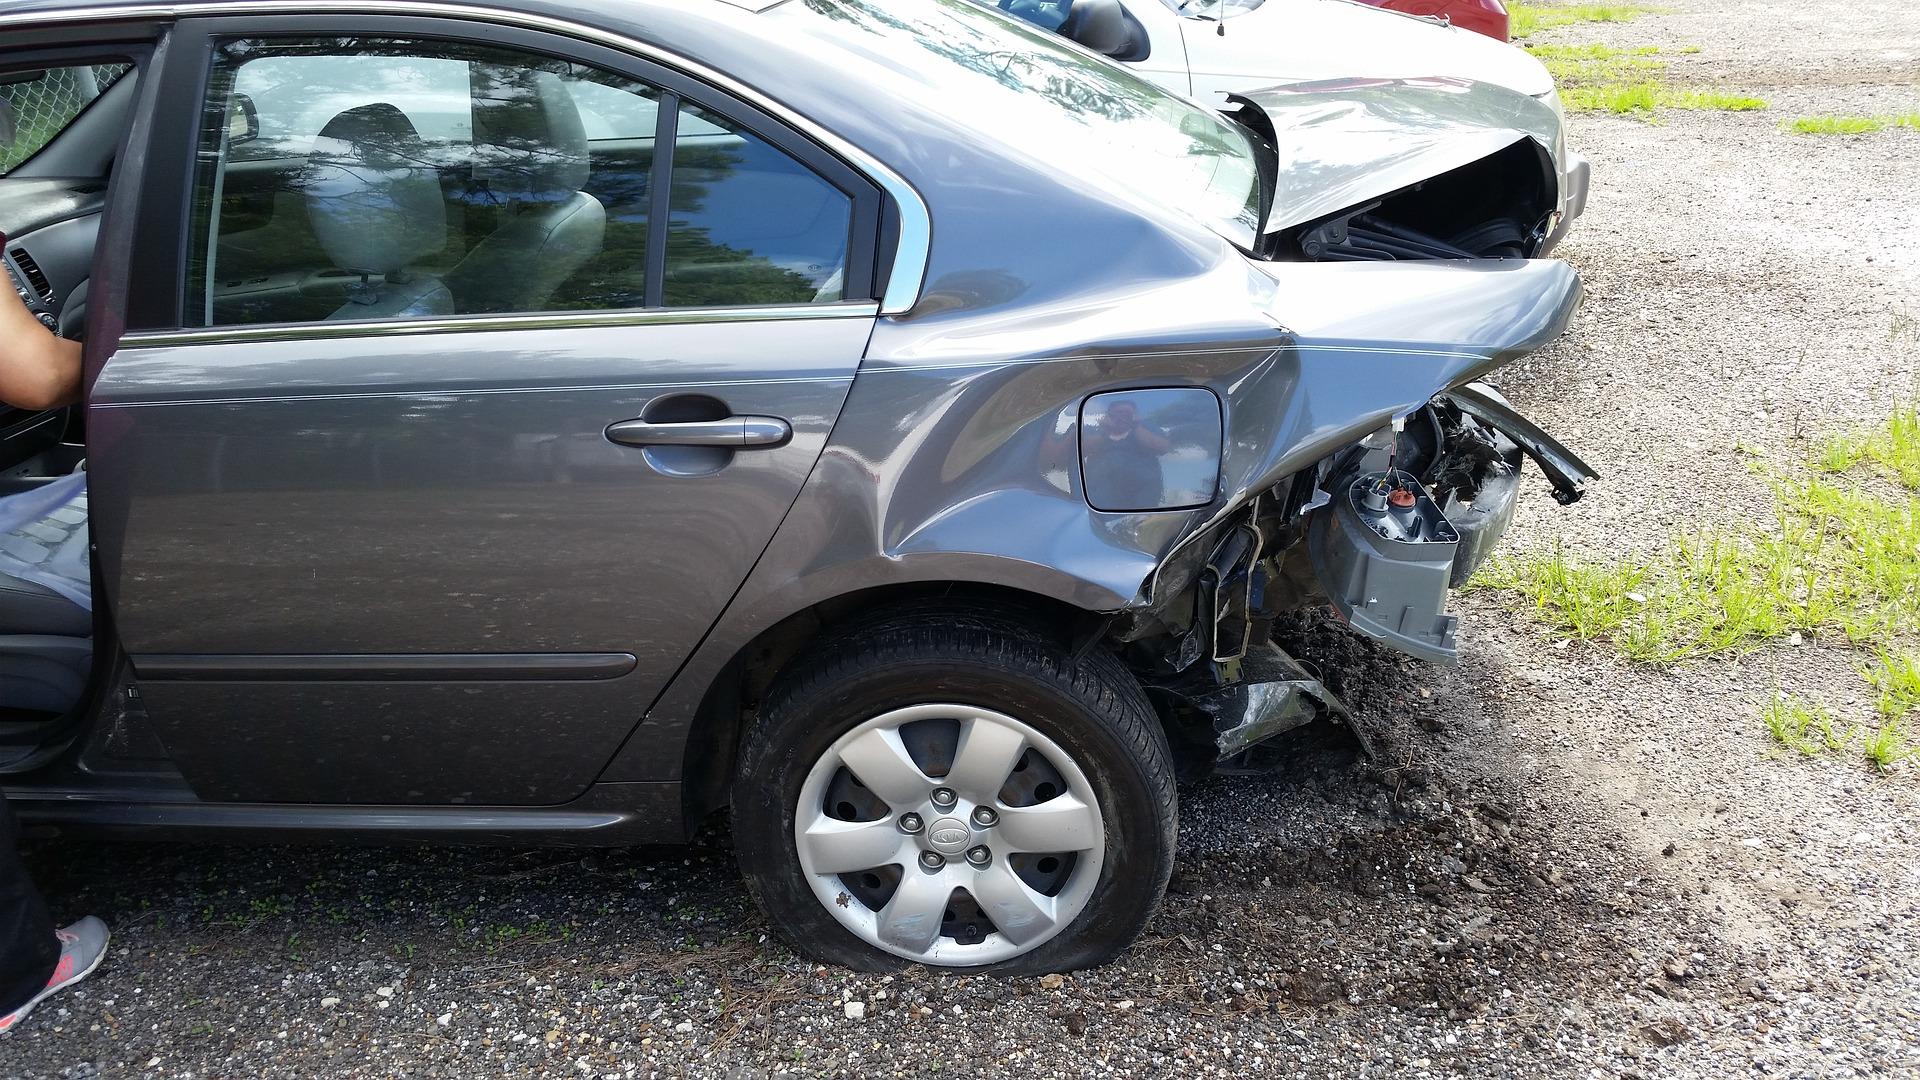 Car Insurance in Arroyo Grande, San Luis Obispo, Nipomo, Grover Beach